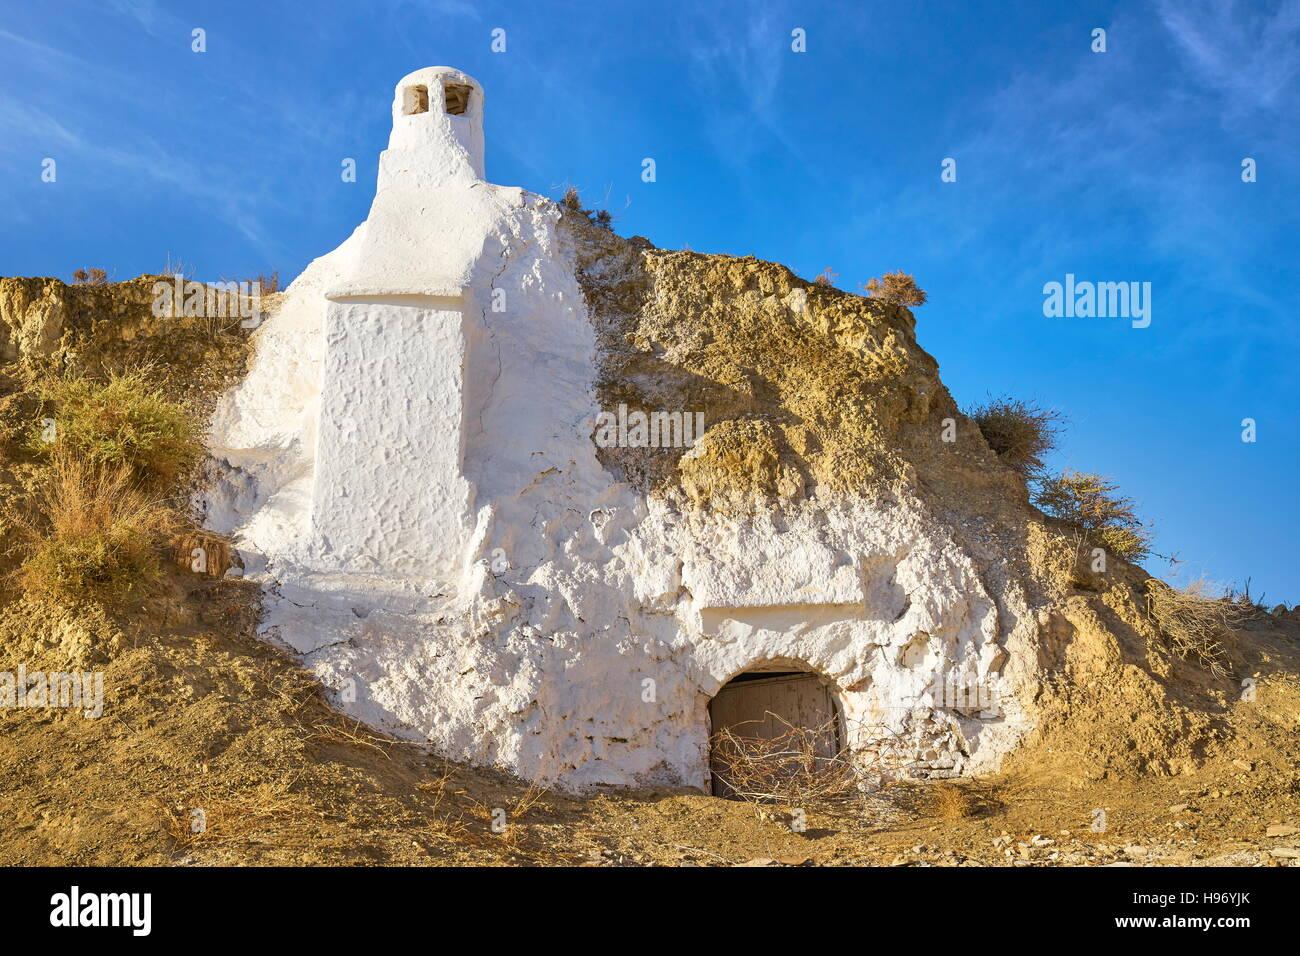 Höhlenwohnungen Höhlenwohnungen, Apparthotel Häuser, Guadix, Andalusien, Spanien Stockbild